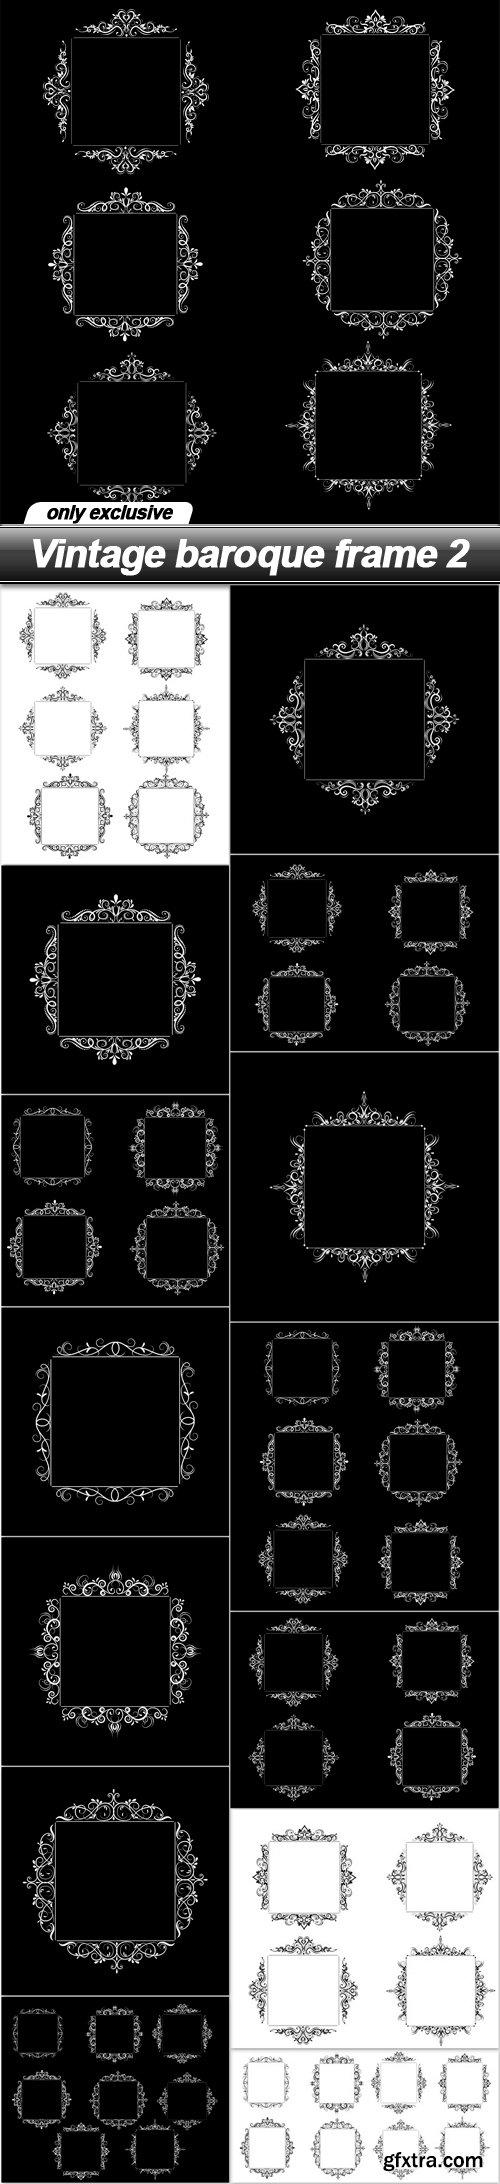 Vintage baroque frame 2 - 15 EPS